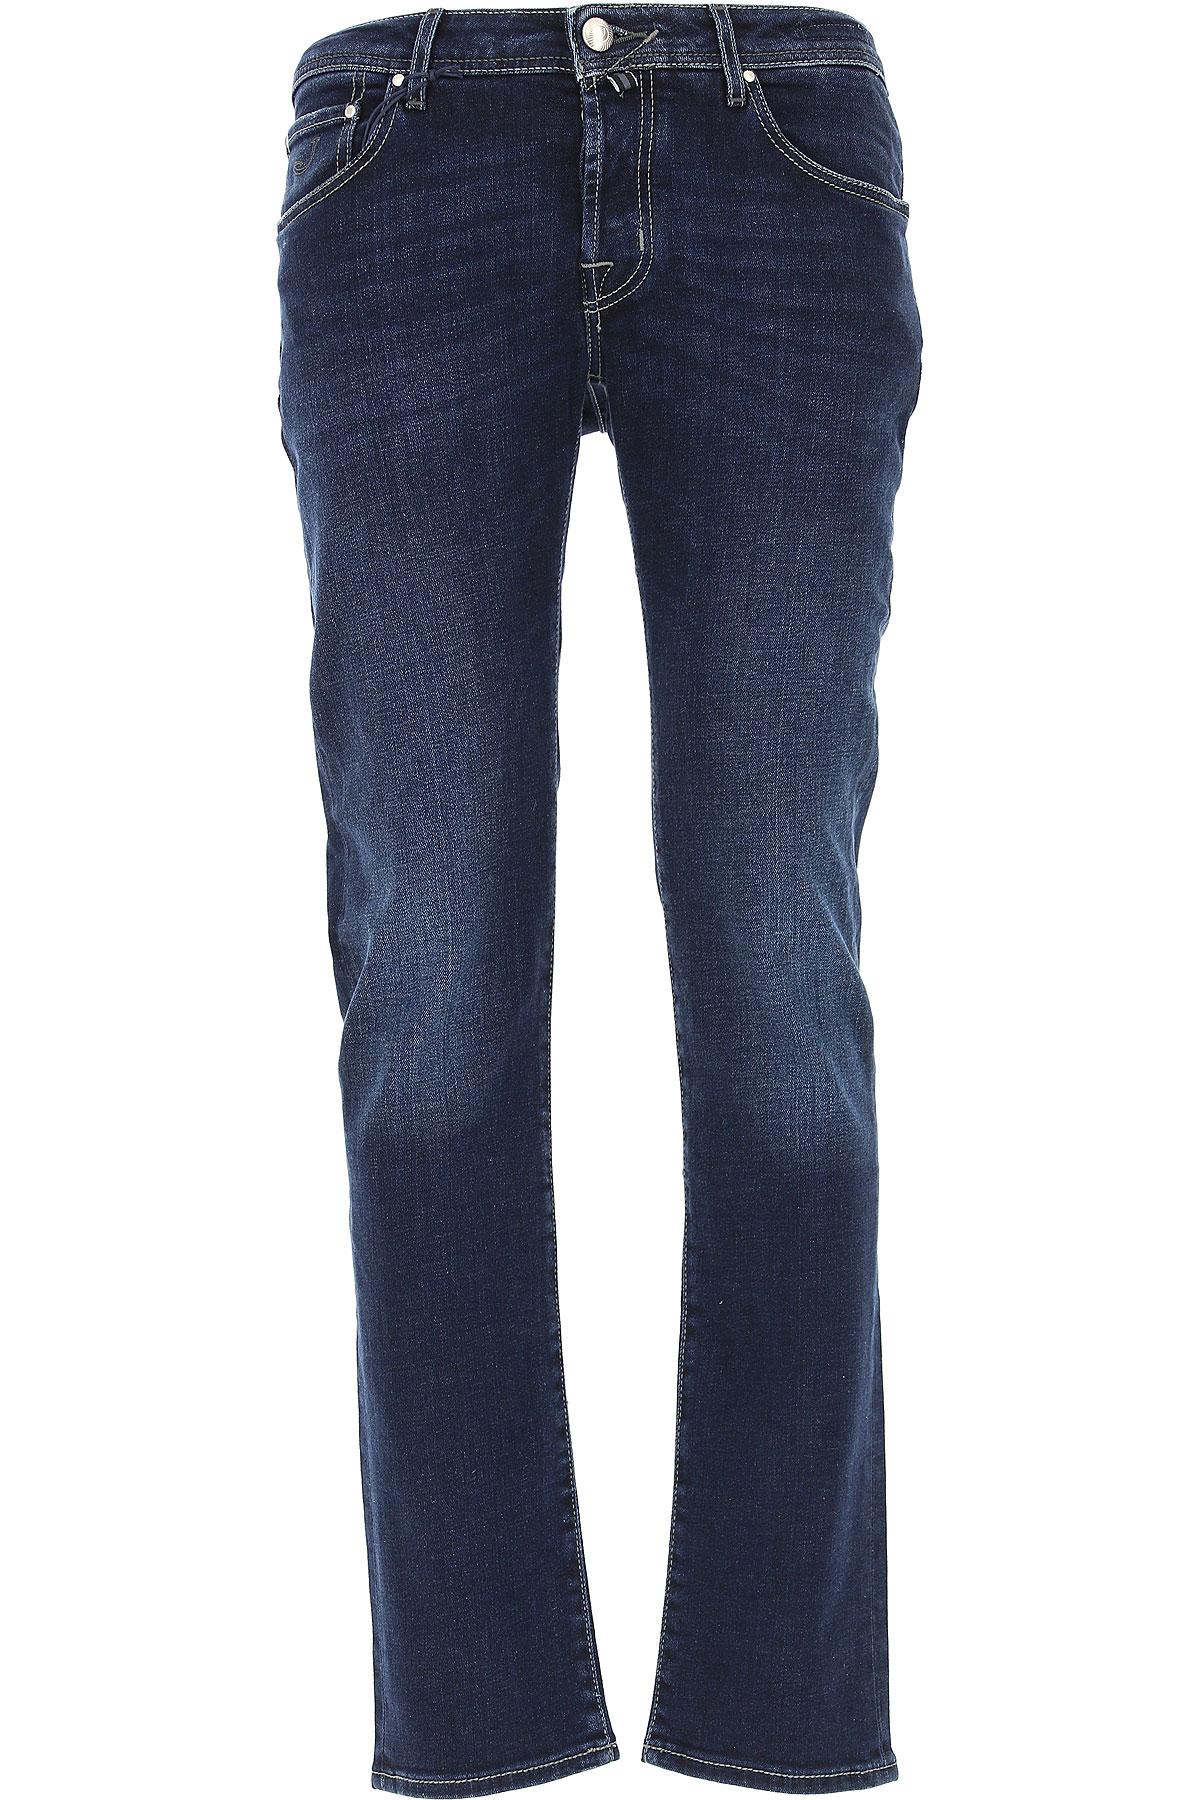 Jacob Cohen Jeans On Sale, Dark Blue, Cotton, 2019, 31 33 34